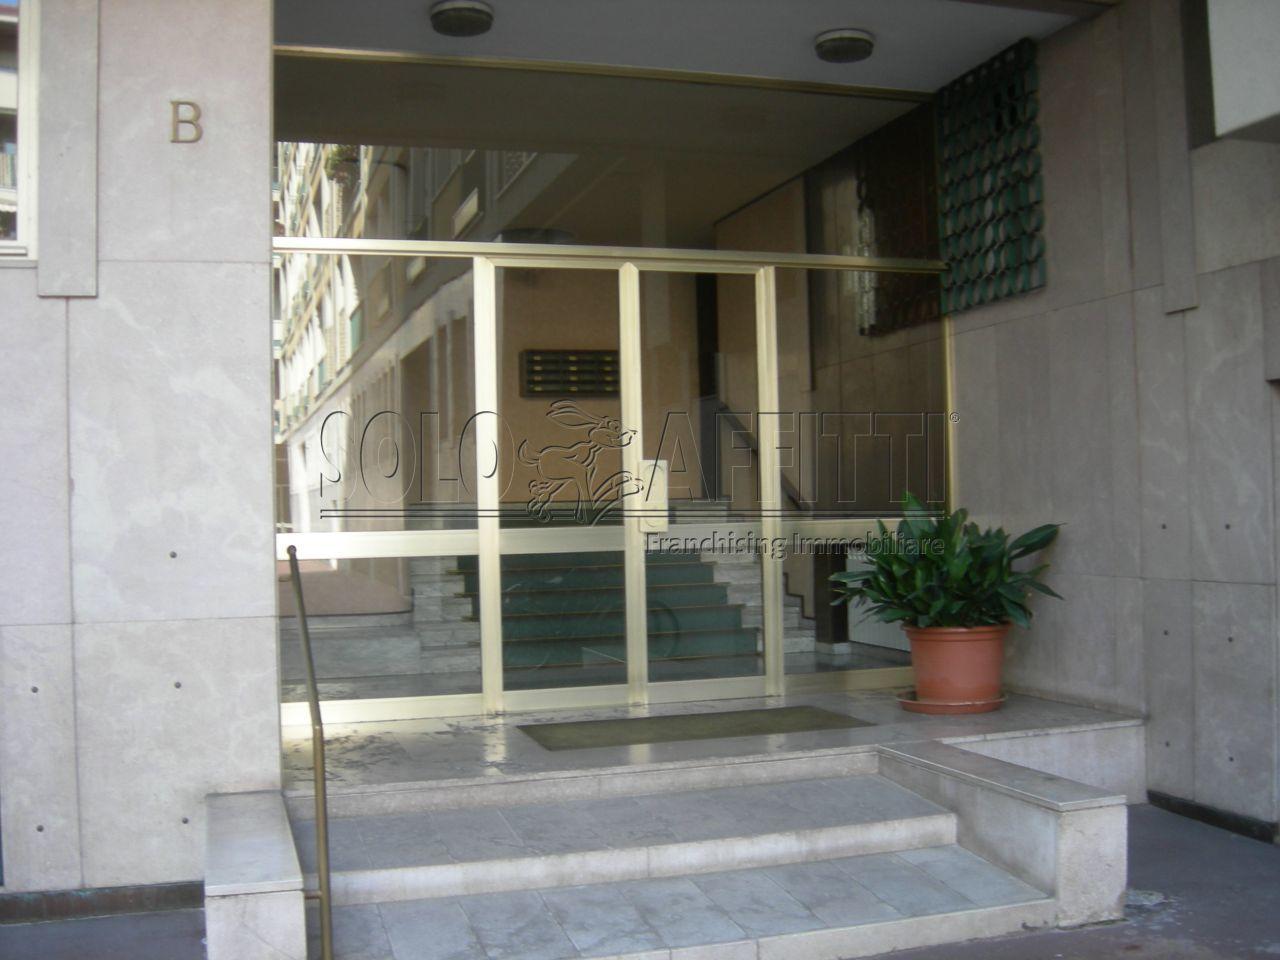 Ufficio / Studio in affitto a Torino, 4 locali, prezzo € 670 | Cambio Casa.it